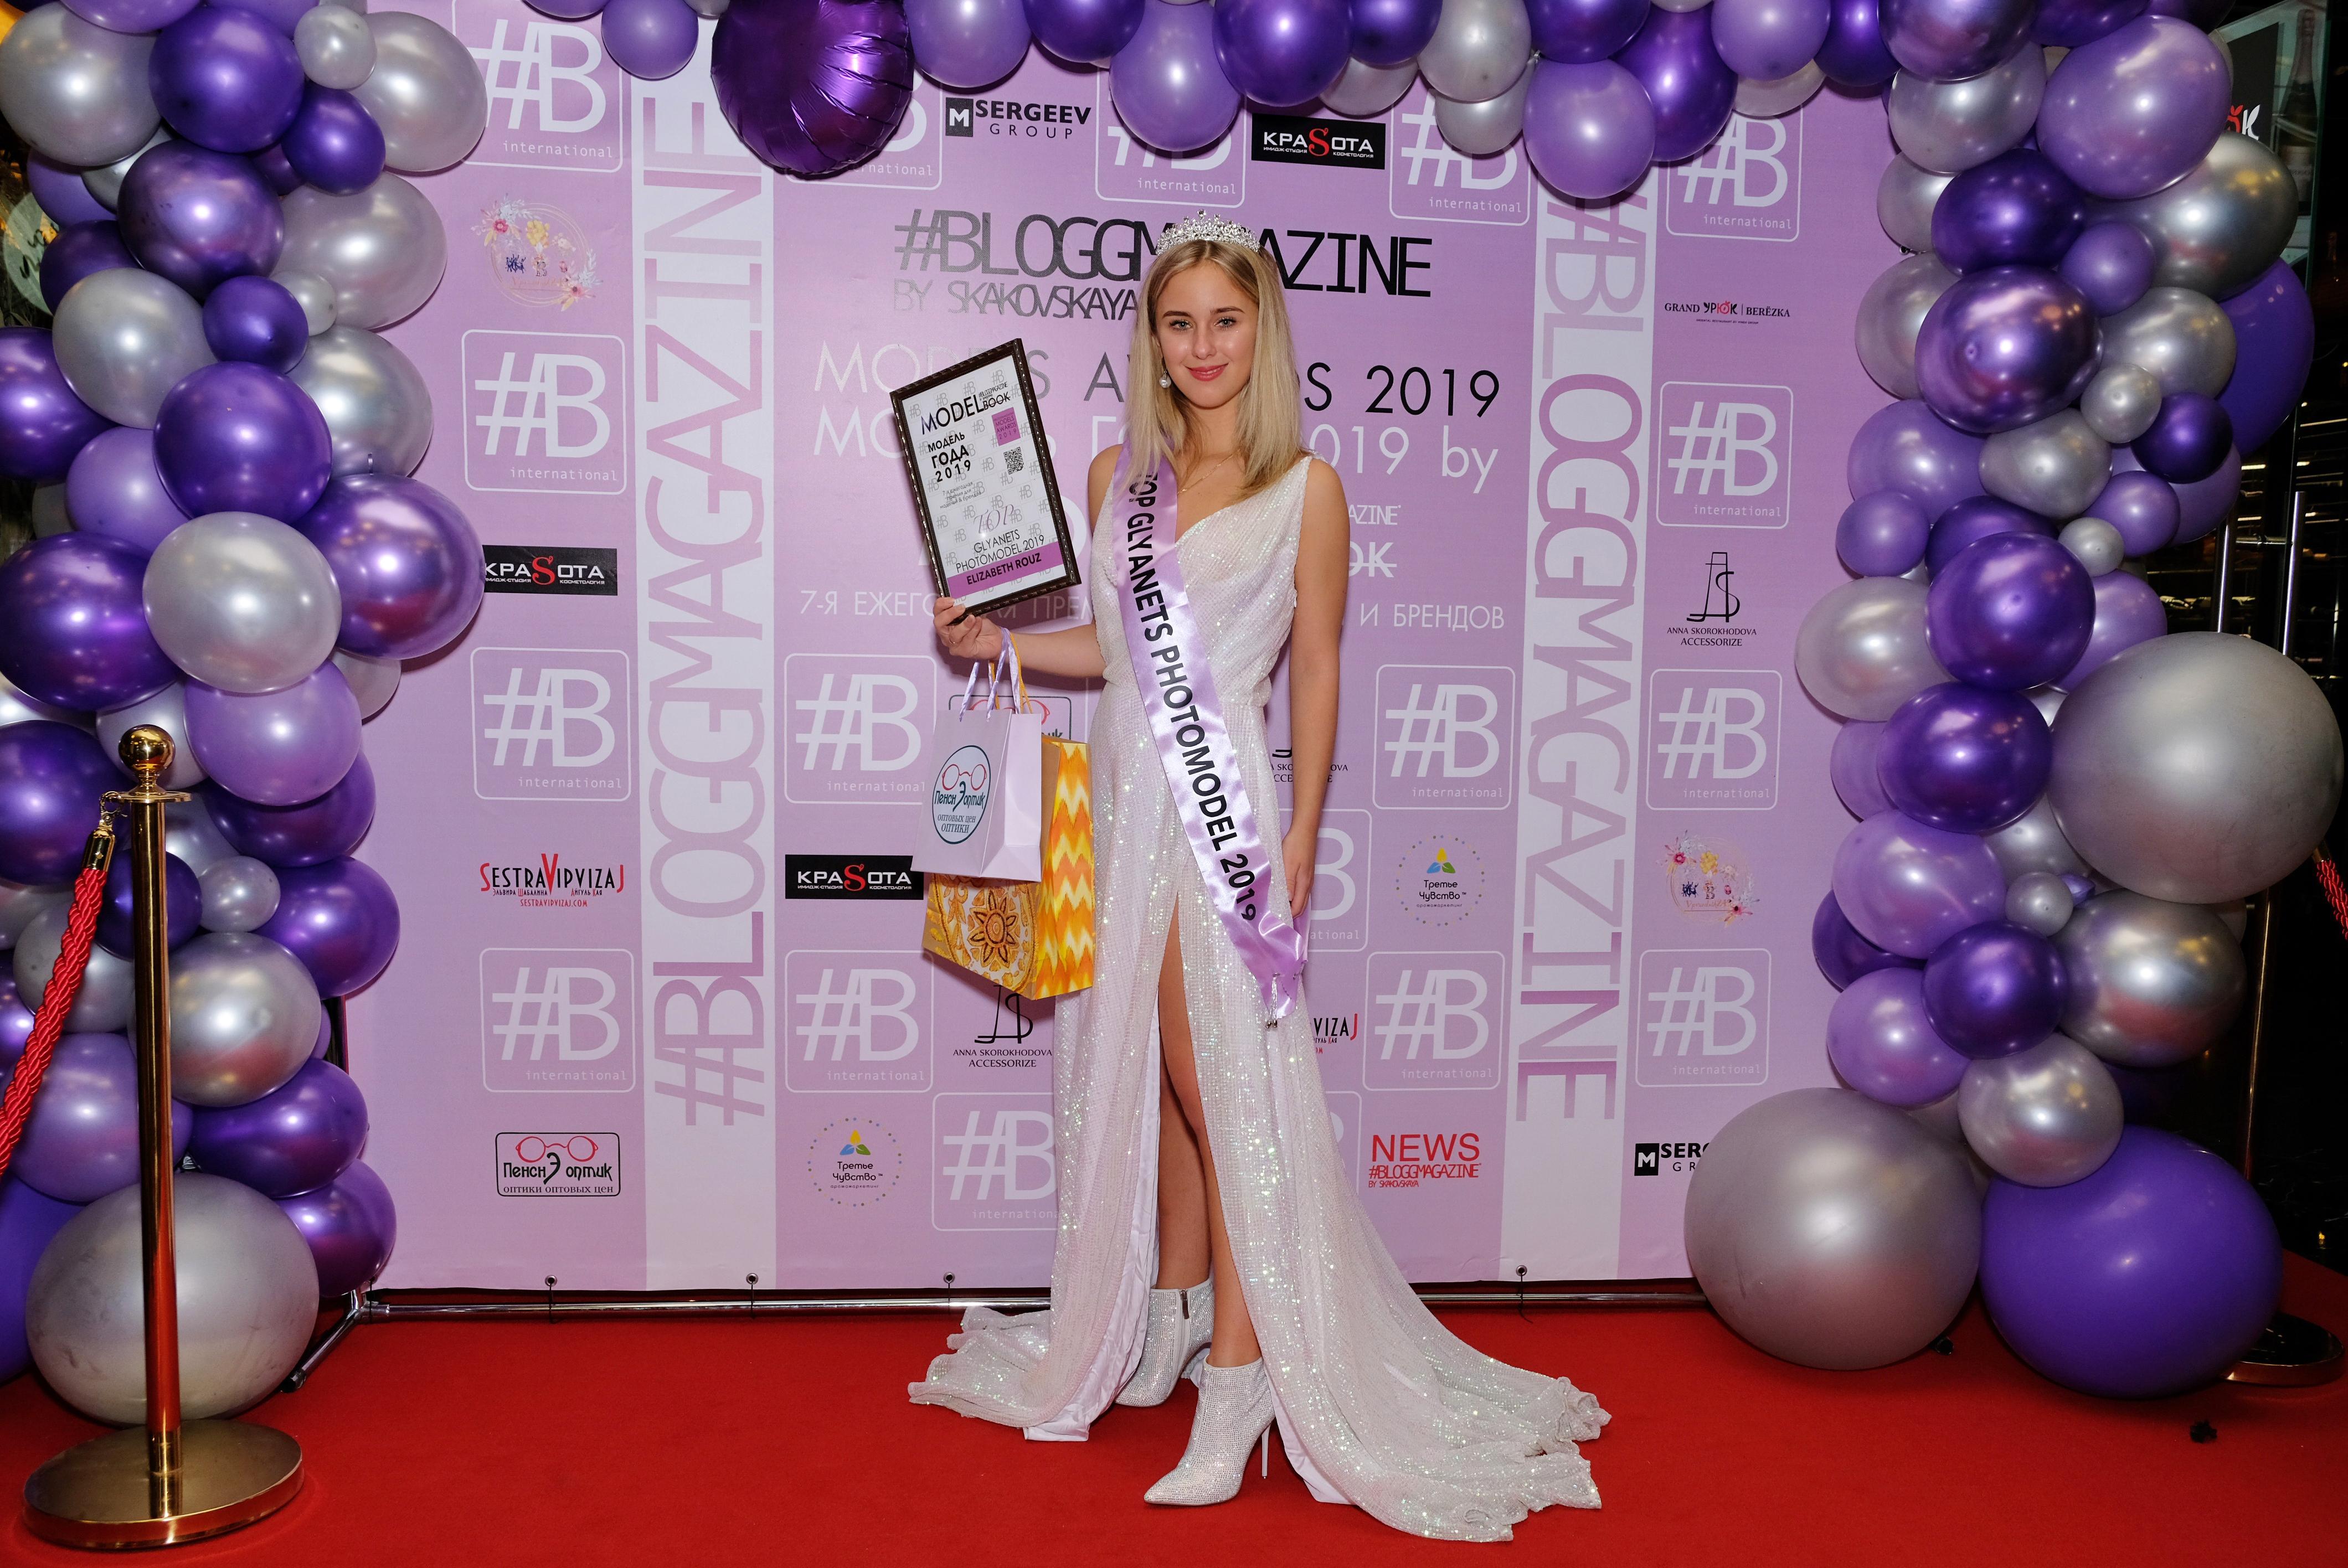 bloggmagazine_models_awards2019_4